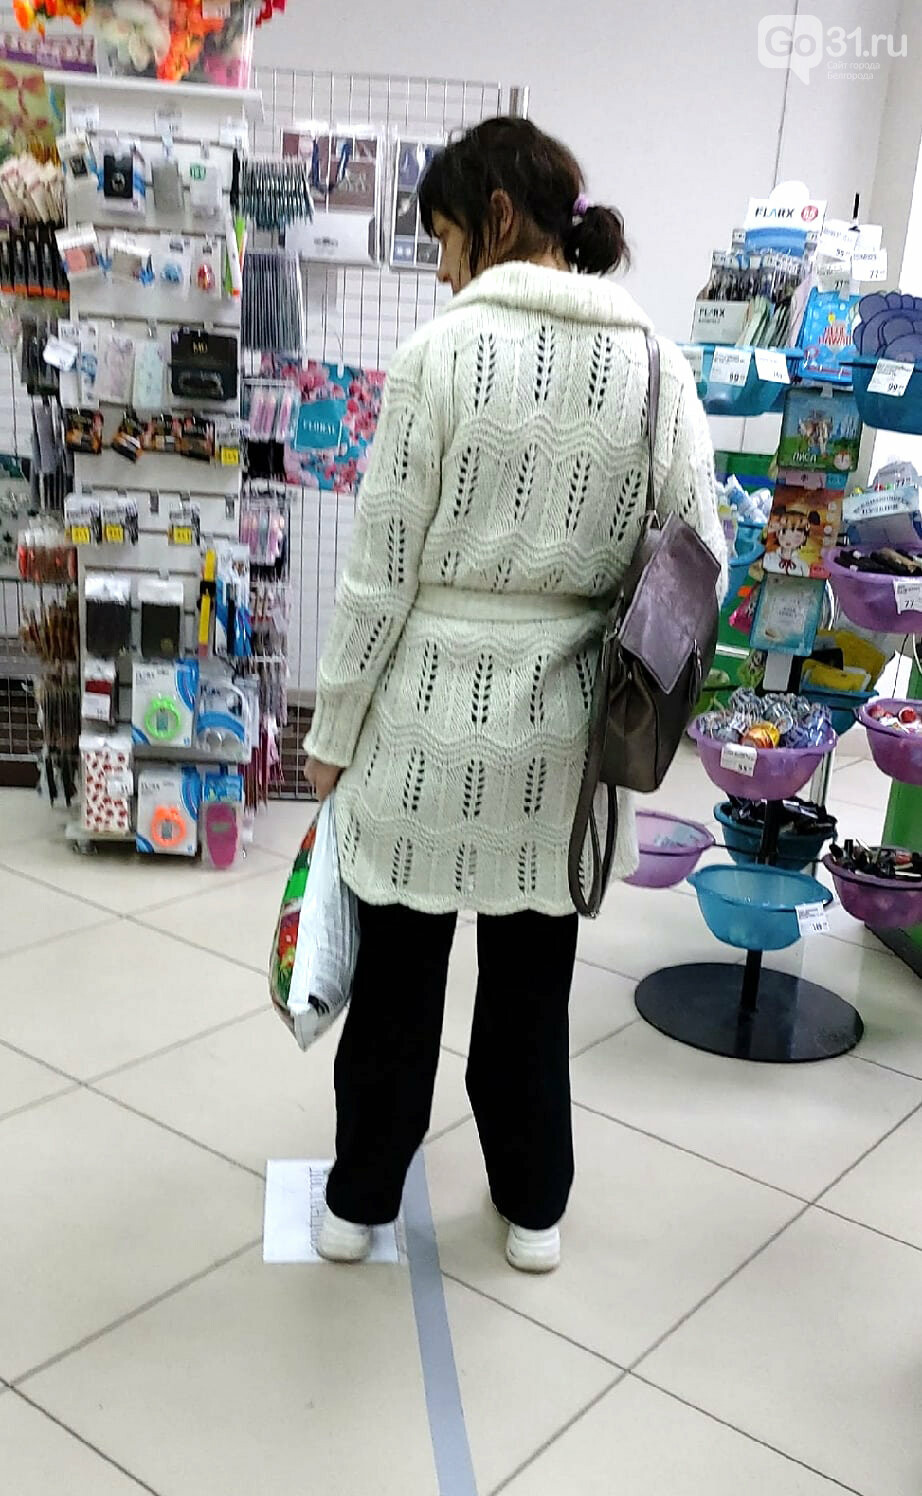 Карантинные хроники. В магазинах – больше масок и дистанции, фото-3, Фото: Надежда Саушина